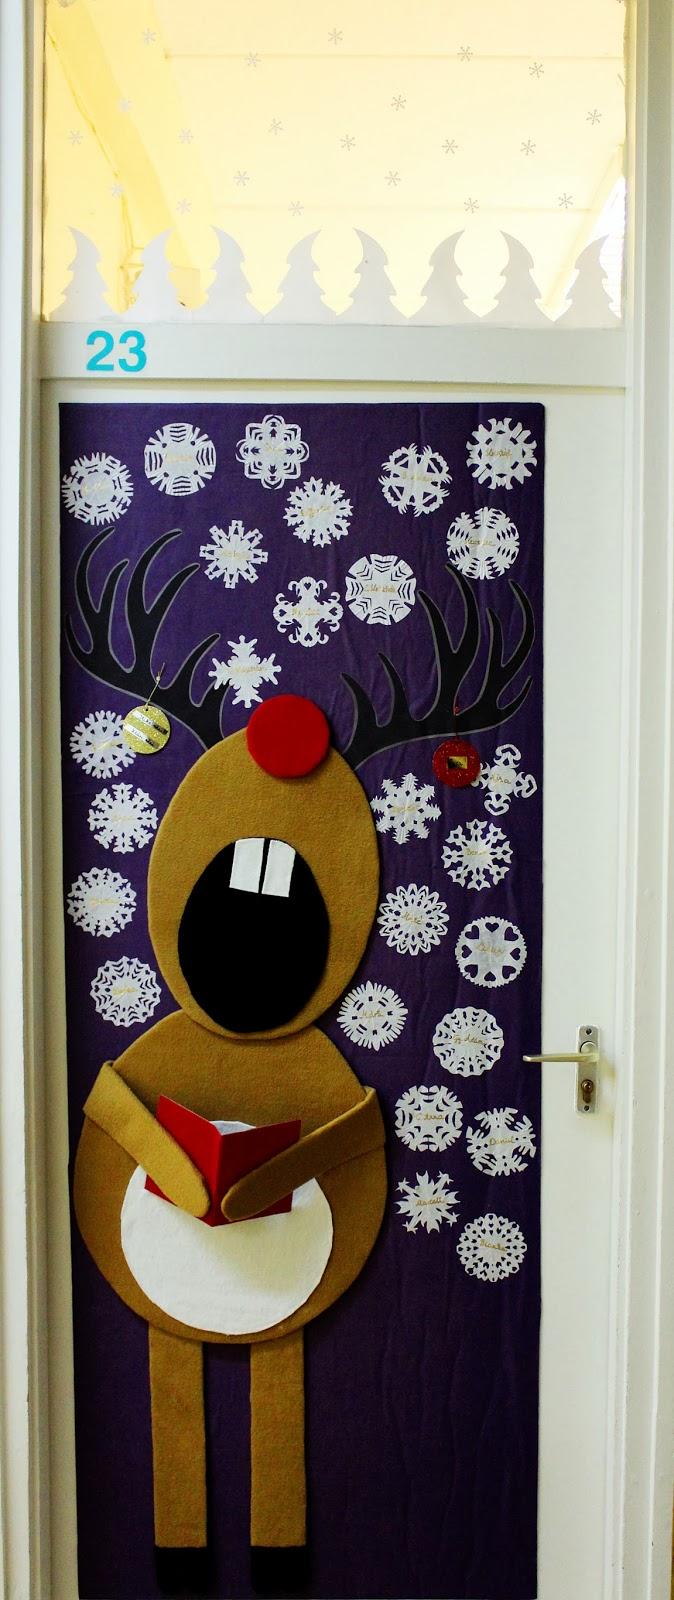 Cool Christmas door decorations - Little Piece Of Me